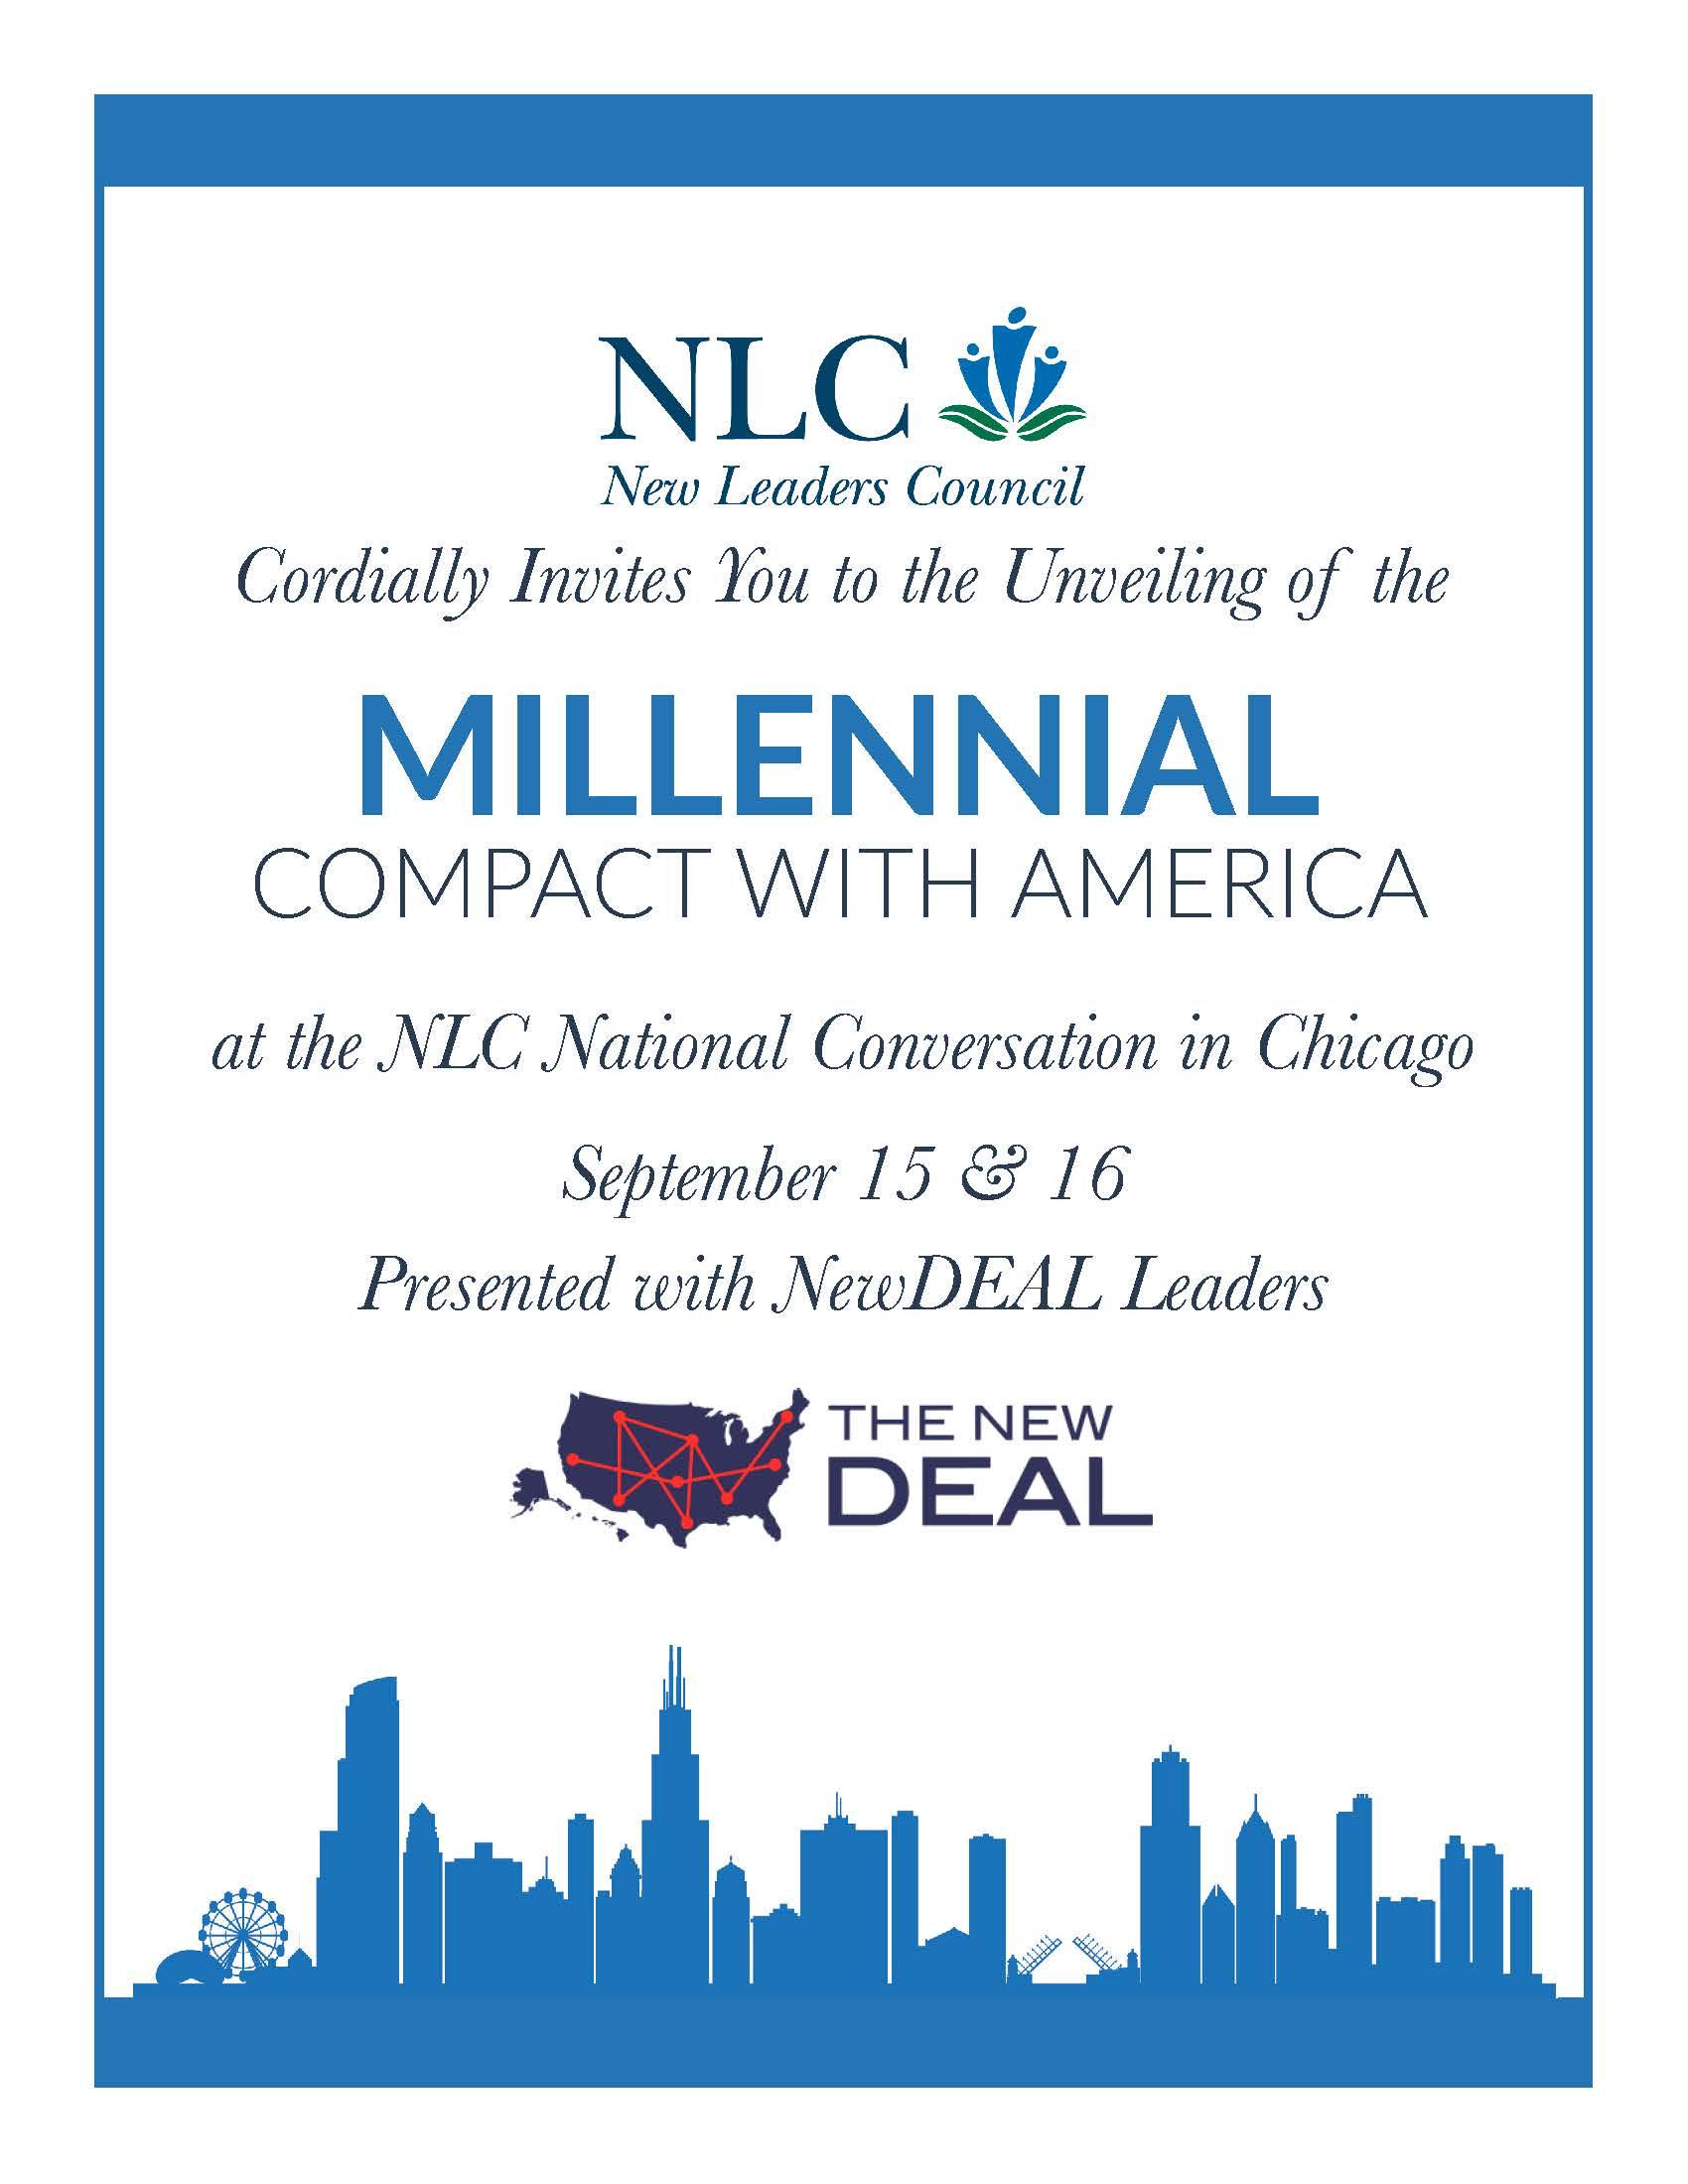 NLC_Millennial_Compact_National_Conversation.jpg